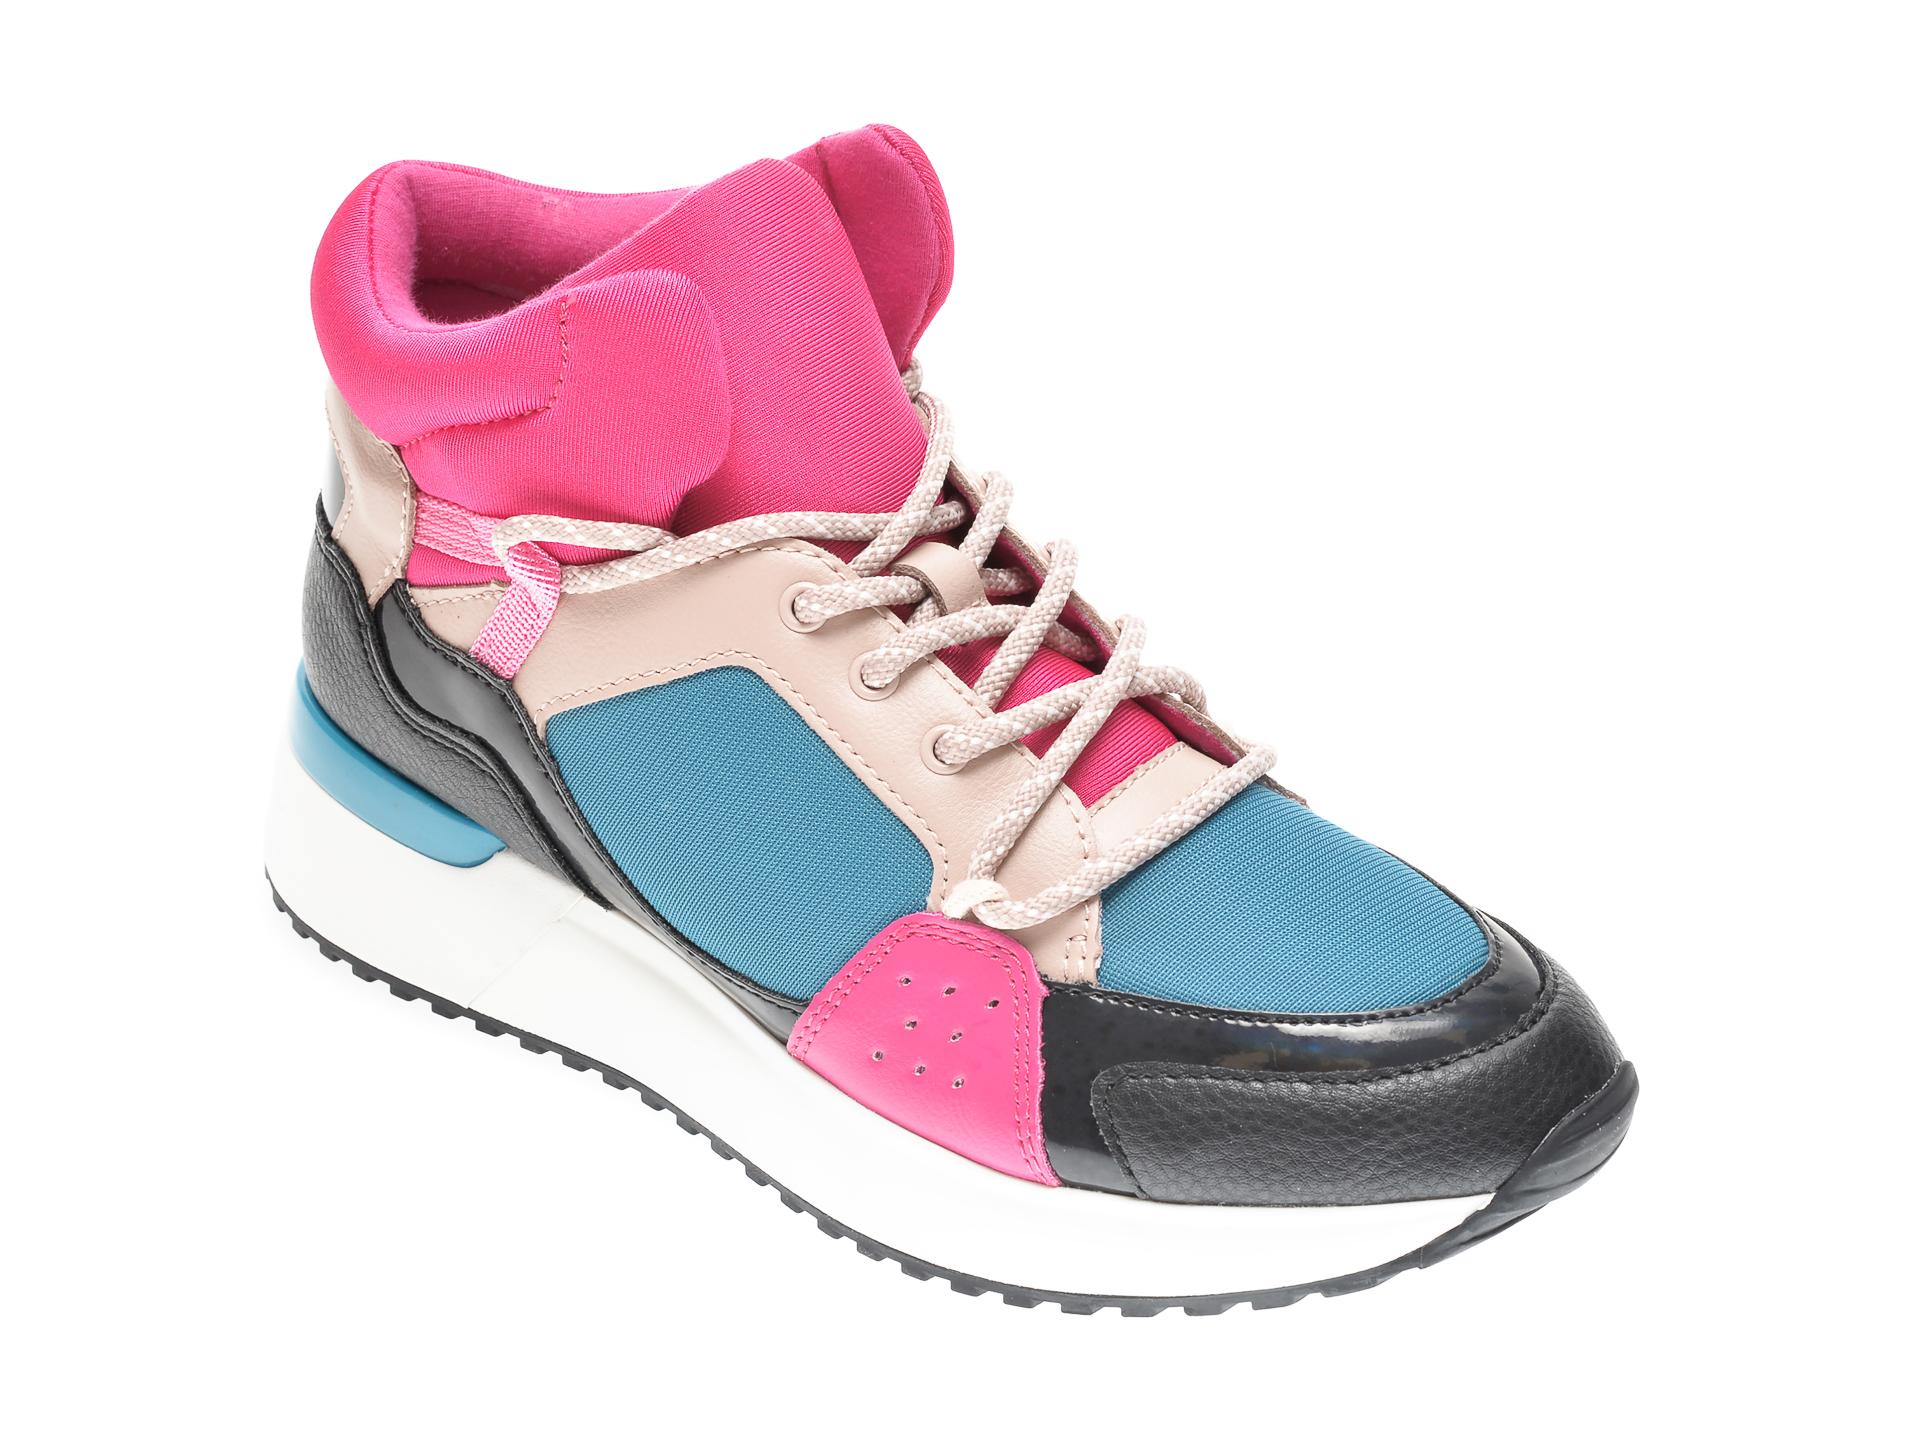 Pantofi sport ALDO multicolori, Aselawia961, din material textil si piele ecologica imagine